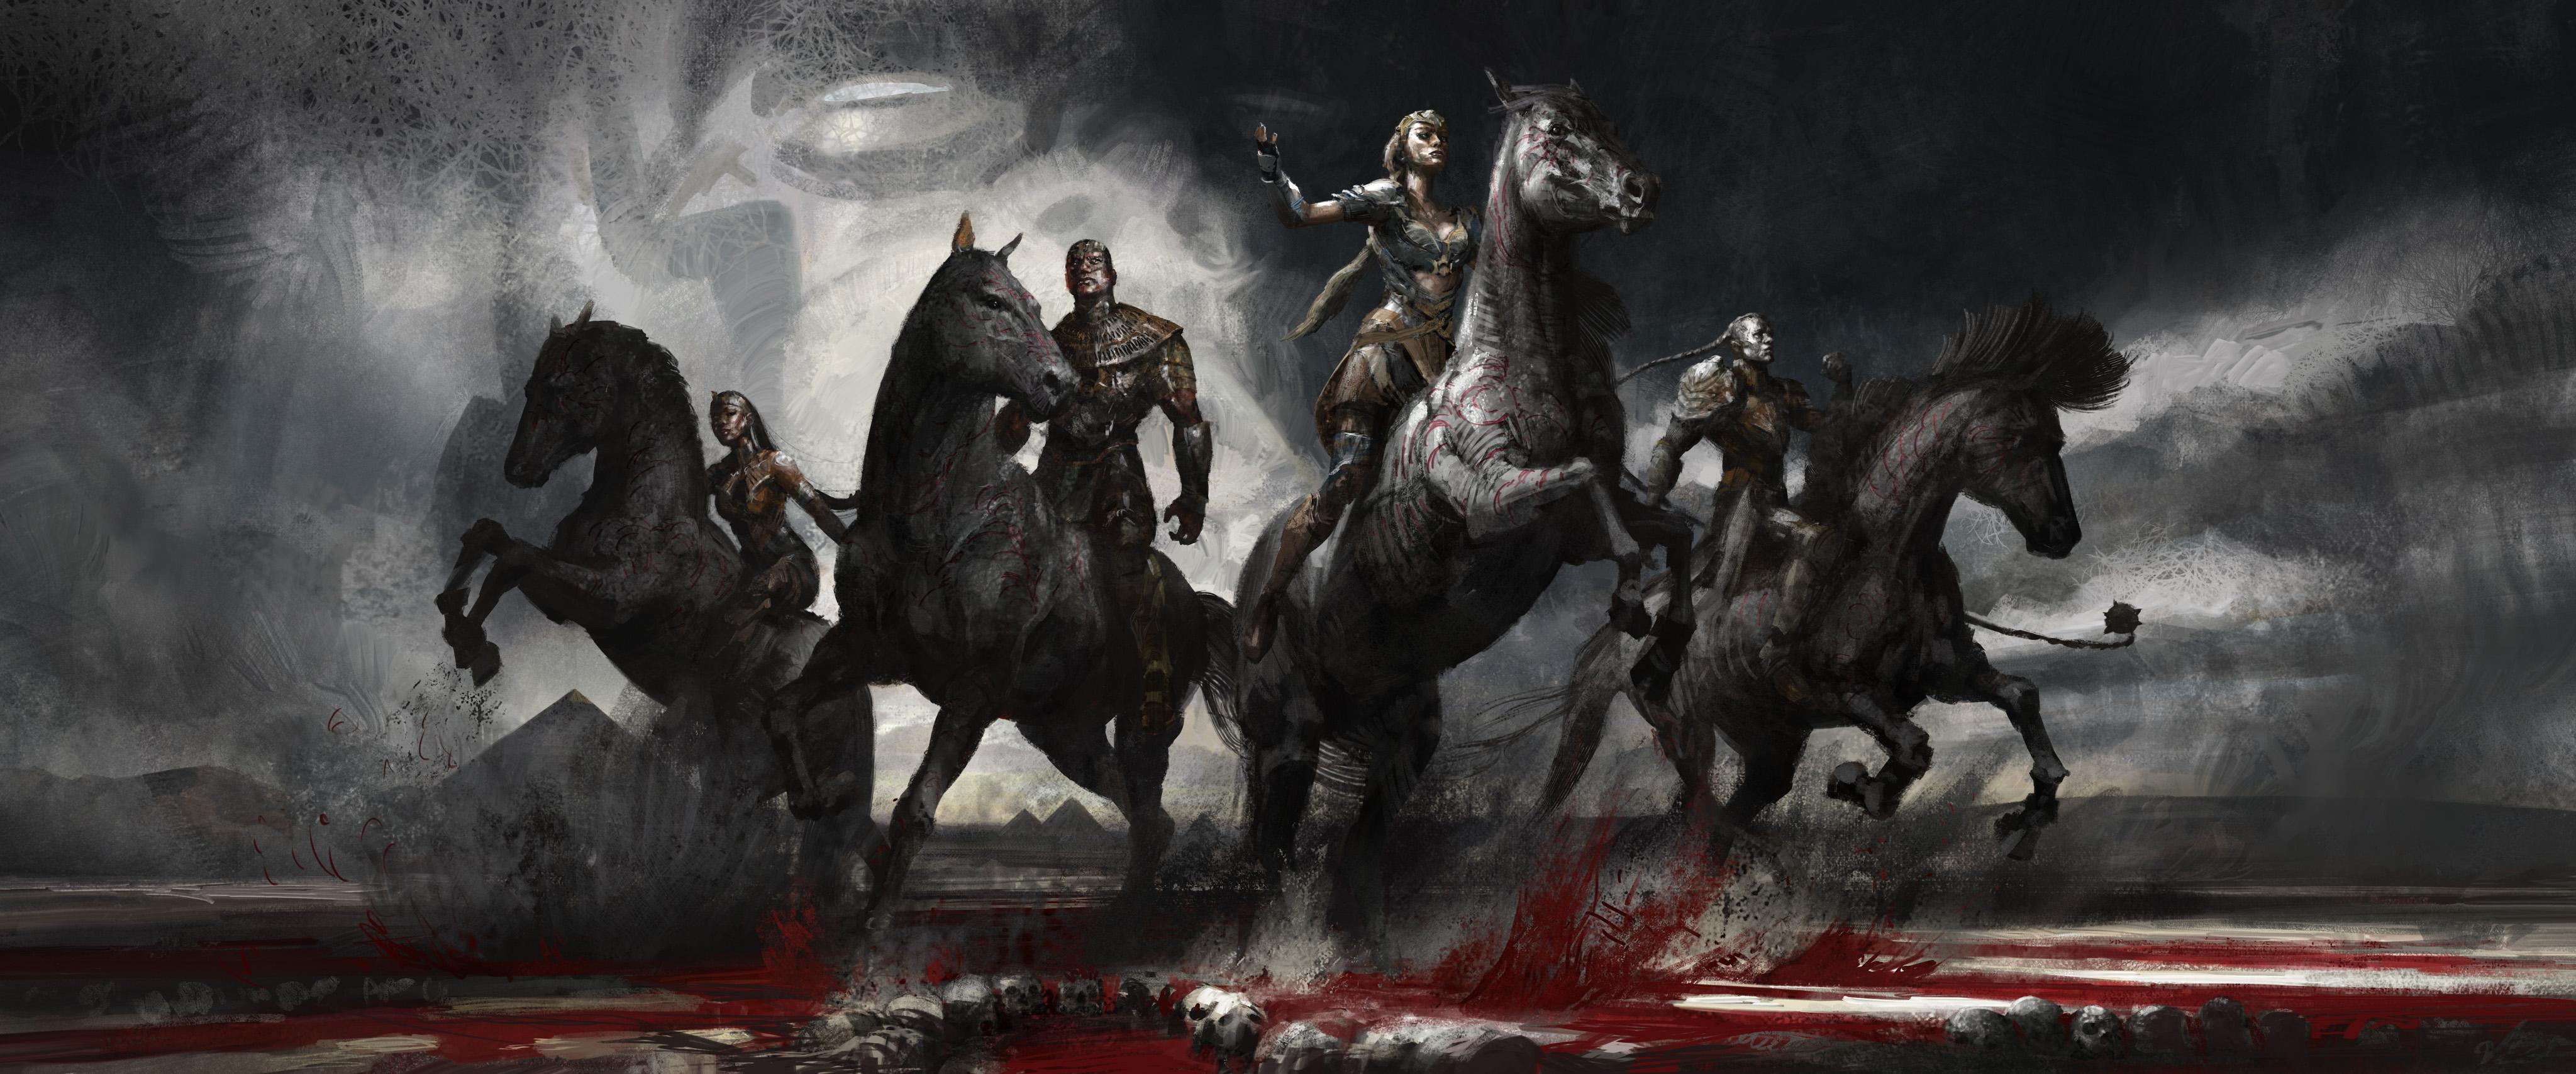 X Men Apocalypse Ancient Horsemen 4k Hd Artist 4k Wallpapers